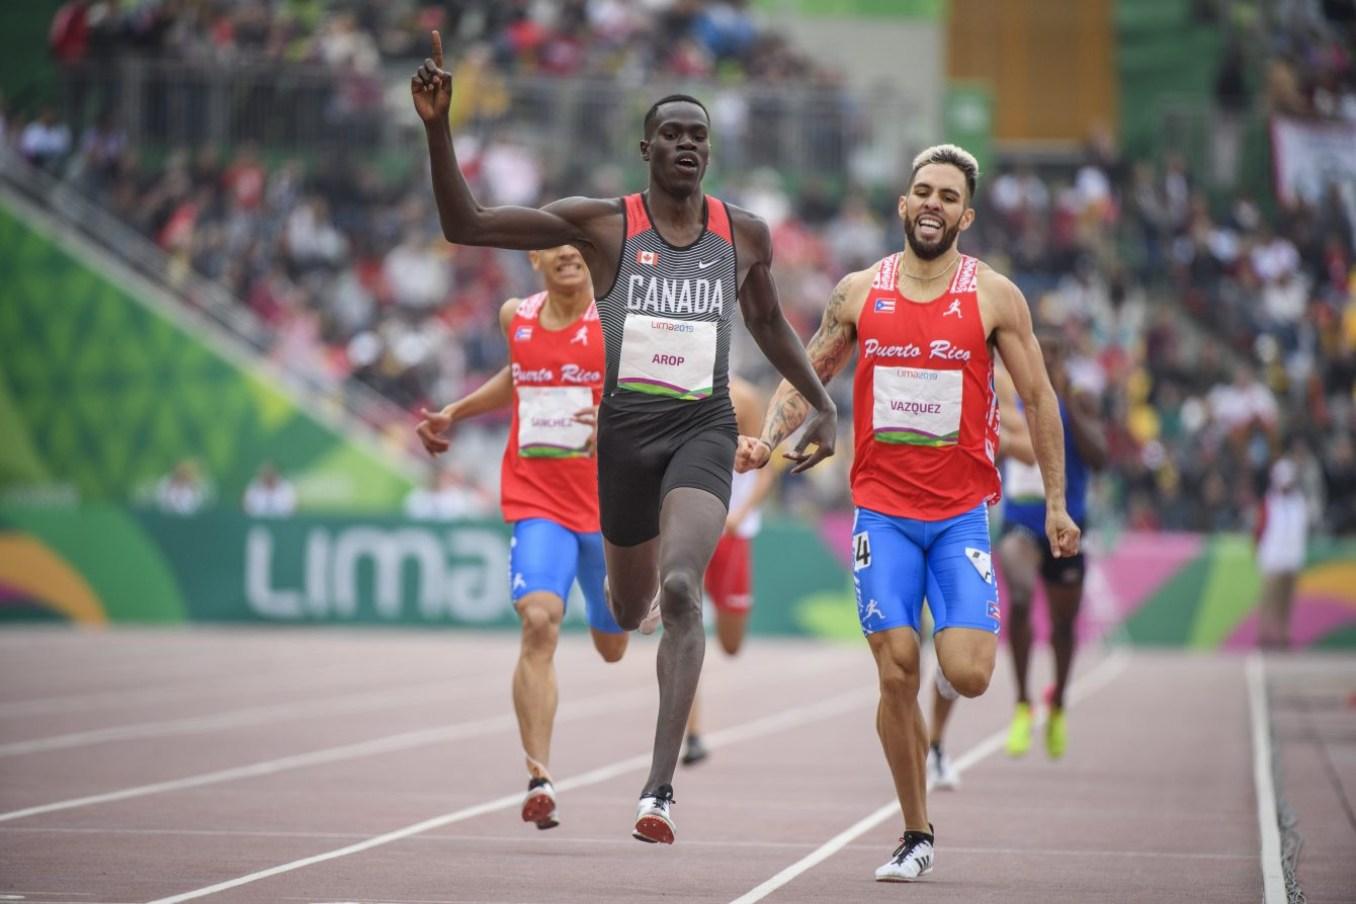 Marco Arop remporte le 800 m et établit un nouveau record panam de 1:44,25 aux Jeux panaméricains de Lima, au Pérou, le 10 août 2019. Photo : Christopher Morris